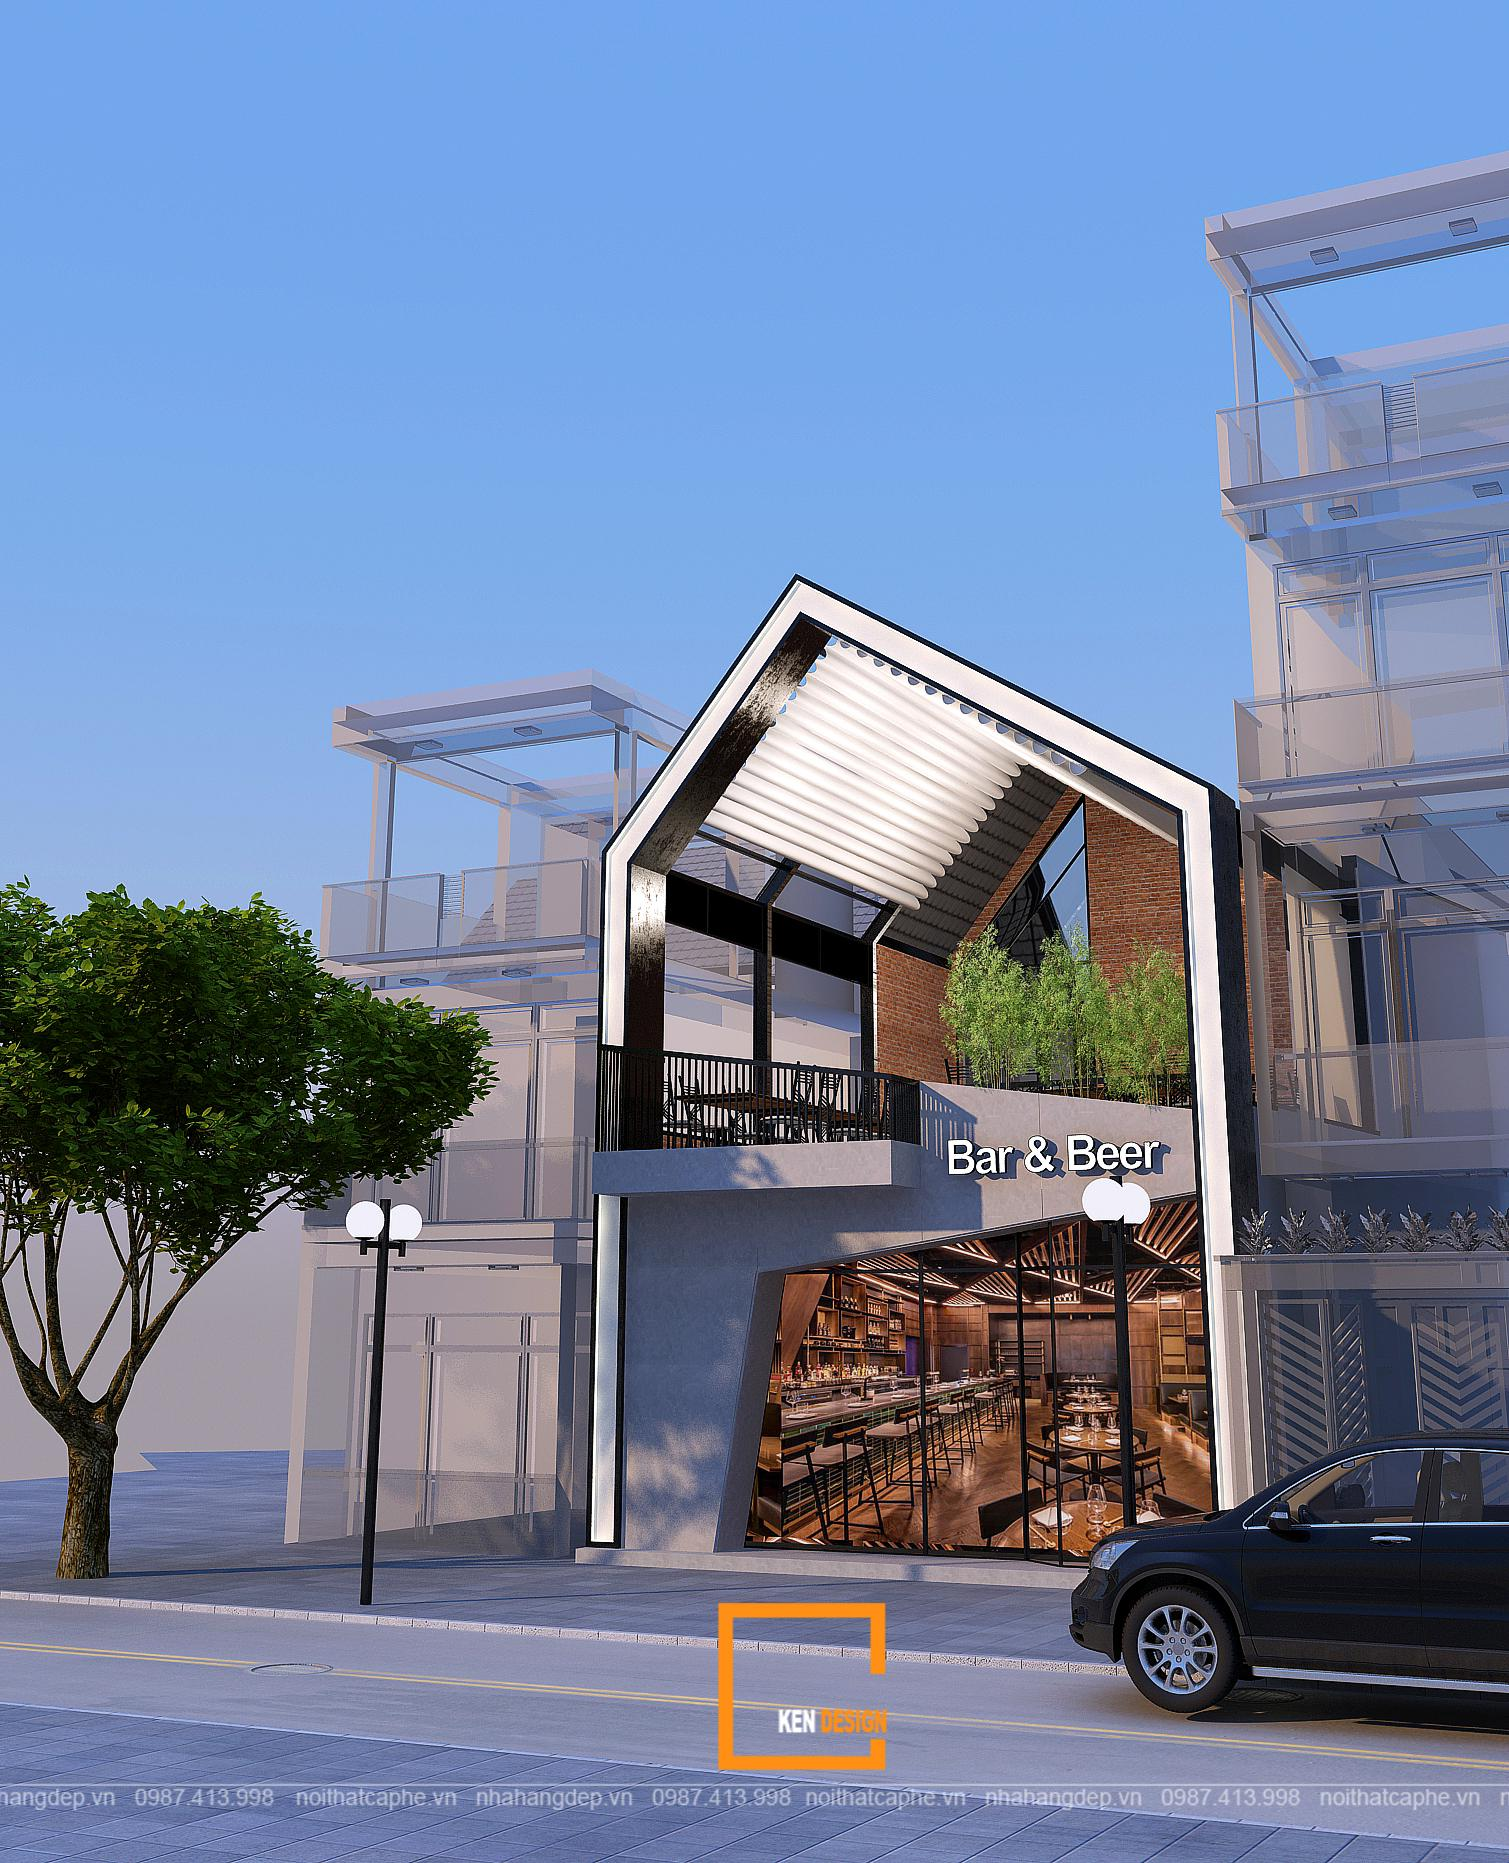 Tiêu chuẩn không gian trong thiết kế nhà hàng 2 tầng